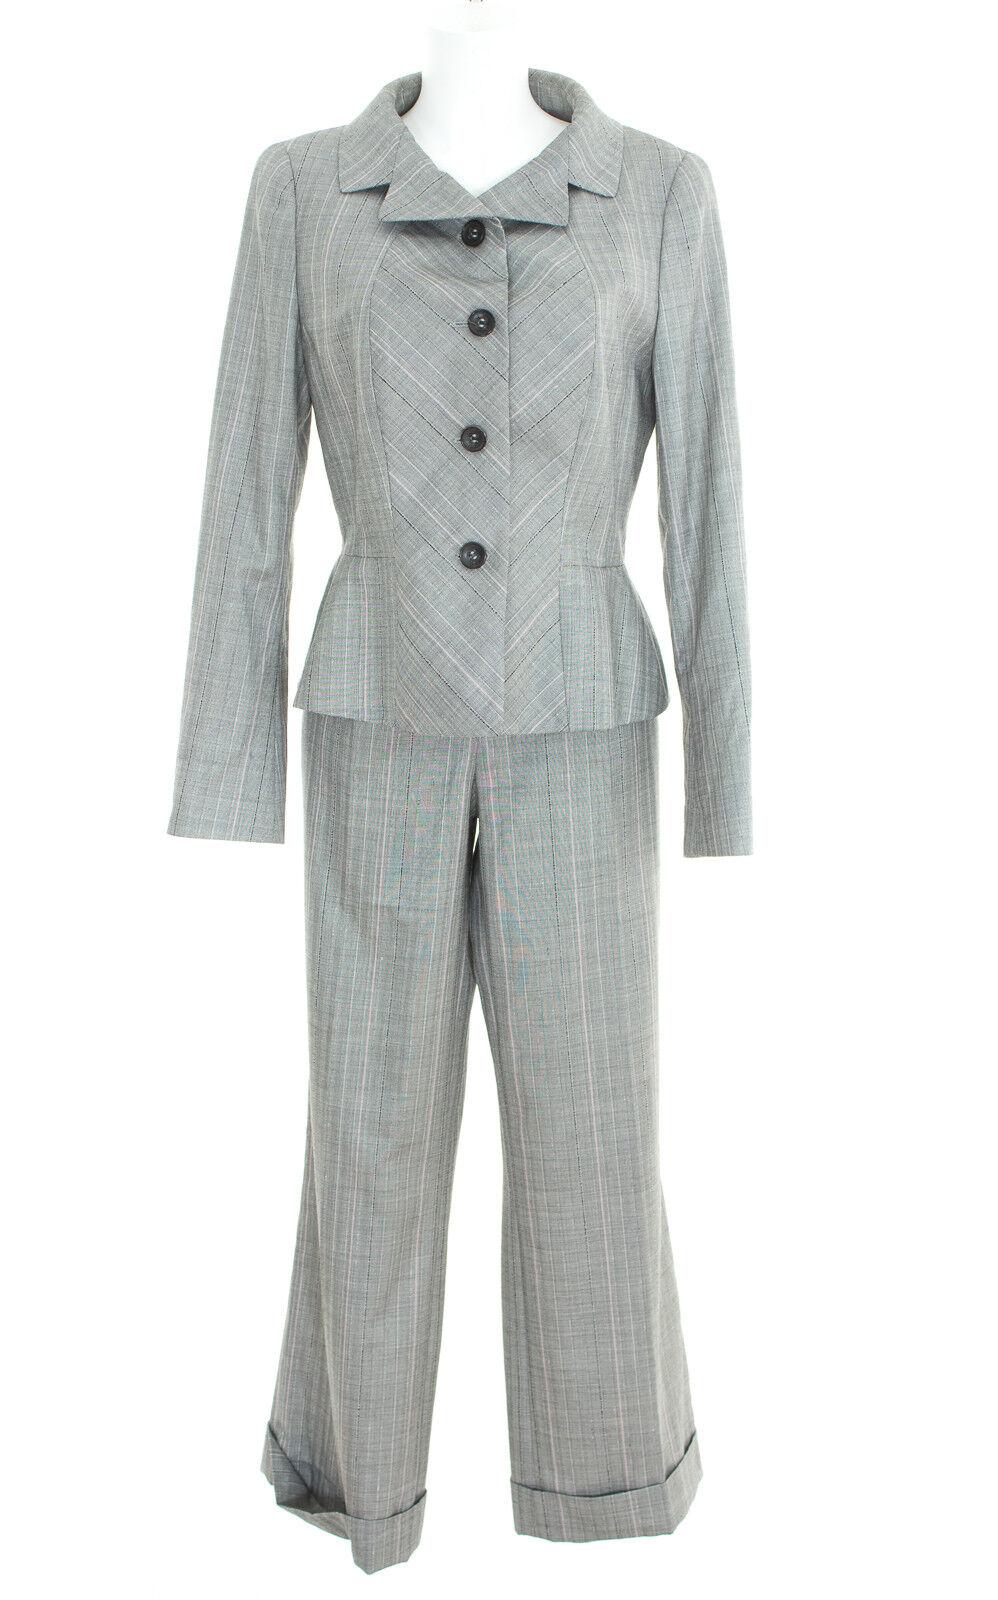 Escada Pantaloni Vestito Blazer Tg. 40 Pantaloni Pantaloni Pantaloni Tg. 38 Da Donna Suit Multicolore lana Seta 077965